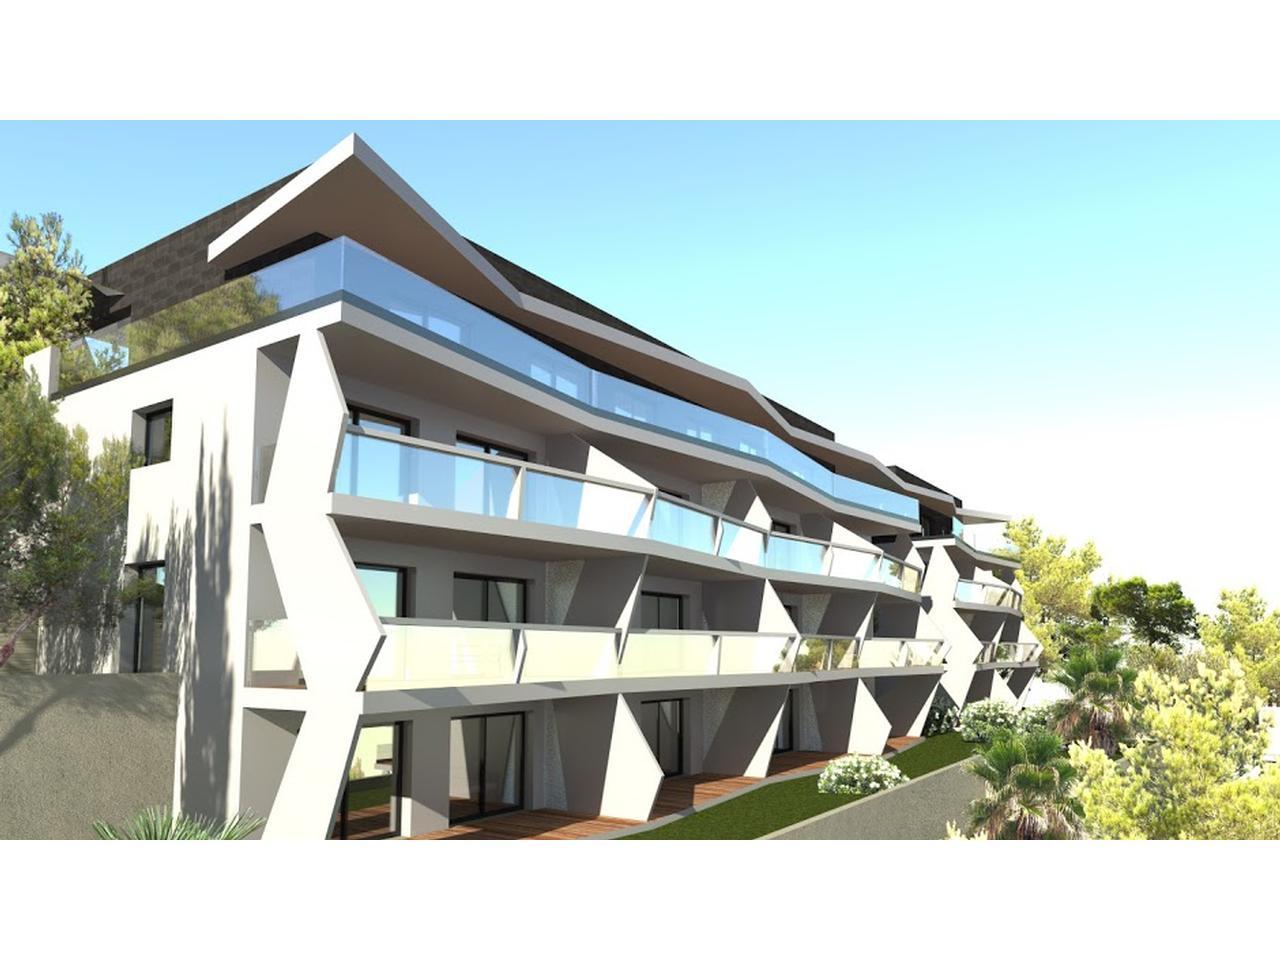 Immobilier nice vue mer appartement roquebrune cap martin for Appartement rez de jardin nice